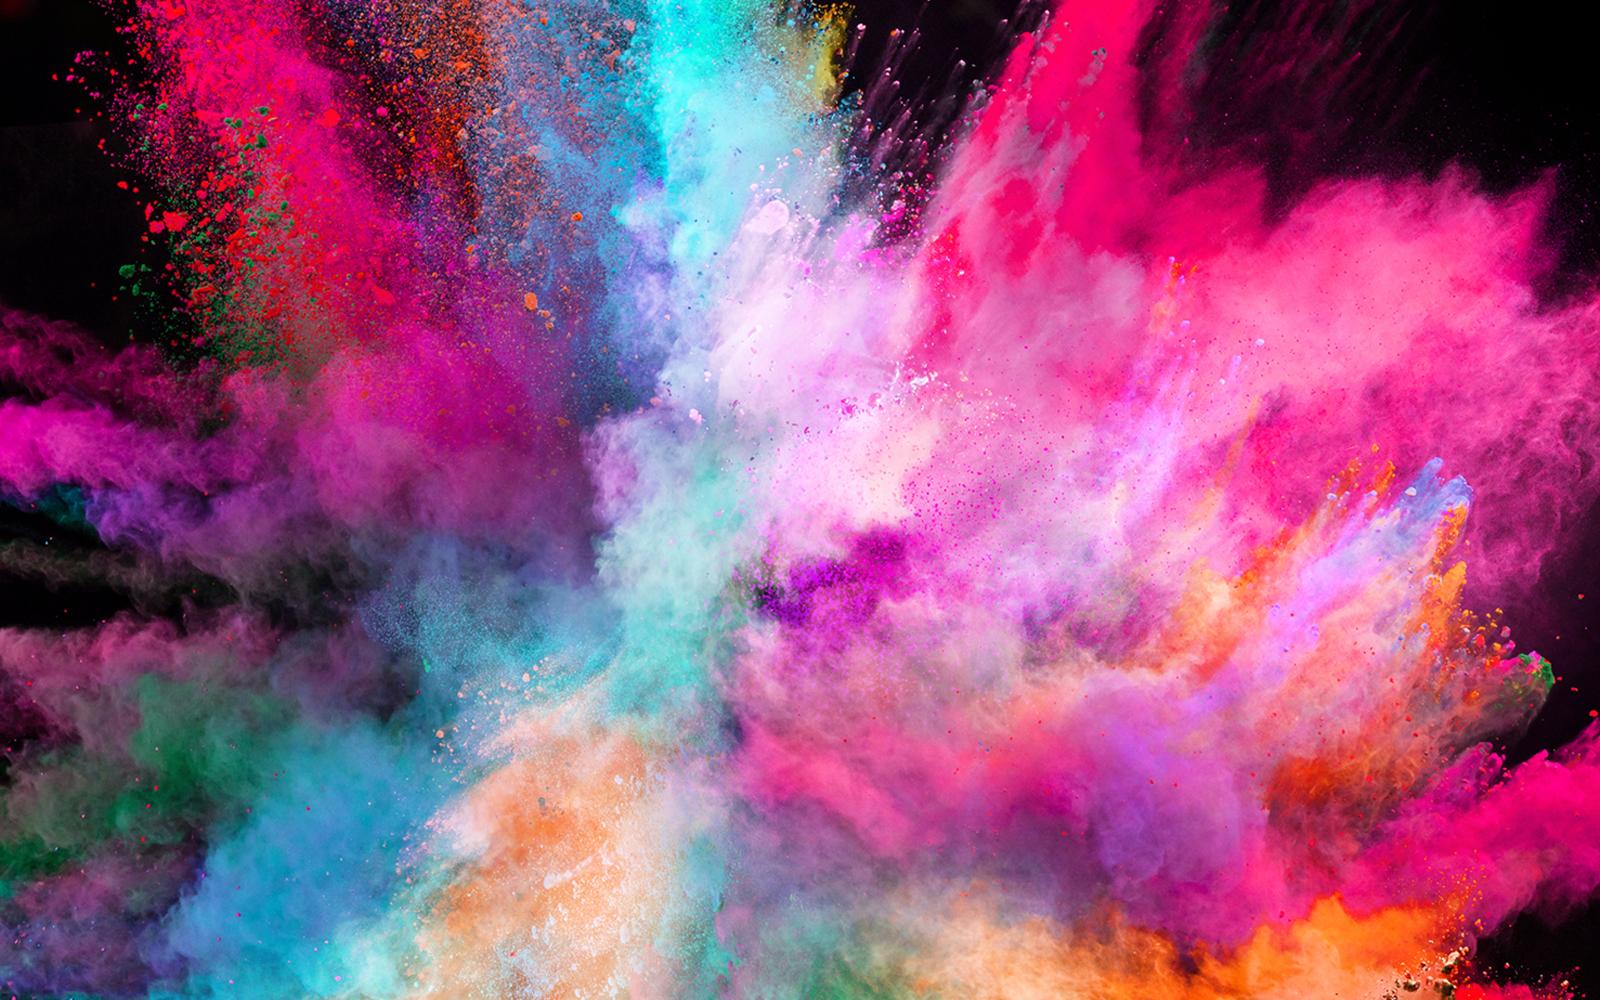 Colour Trend Dette Blir 229 Rets Farge I 2018 Melk Amp Honning